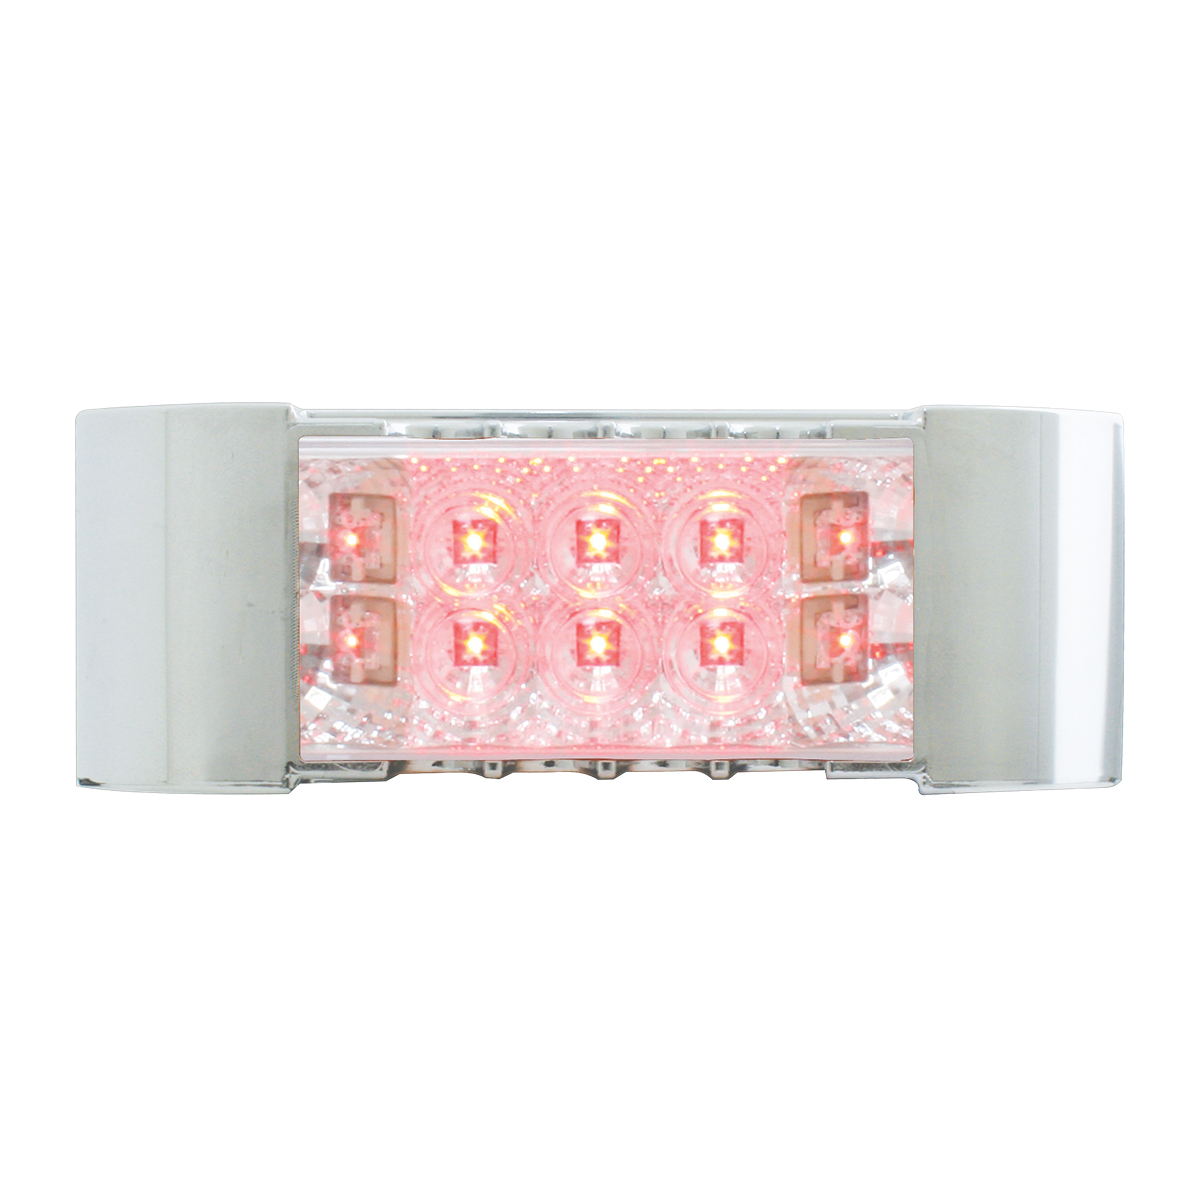 76217 Rectangular Wide Angle Spyder LED Marker Light w/ Chrome Plastic Bezel